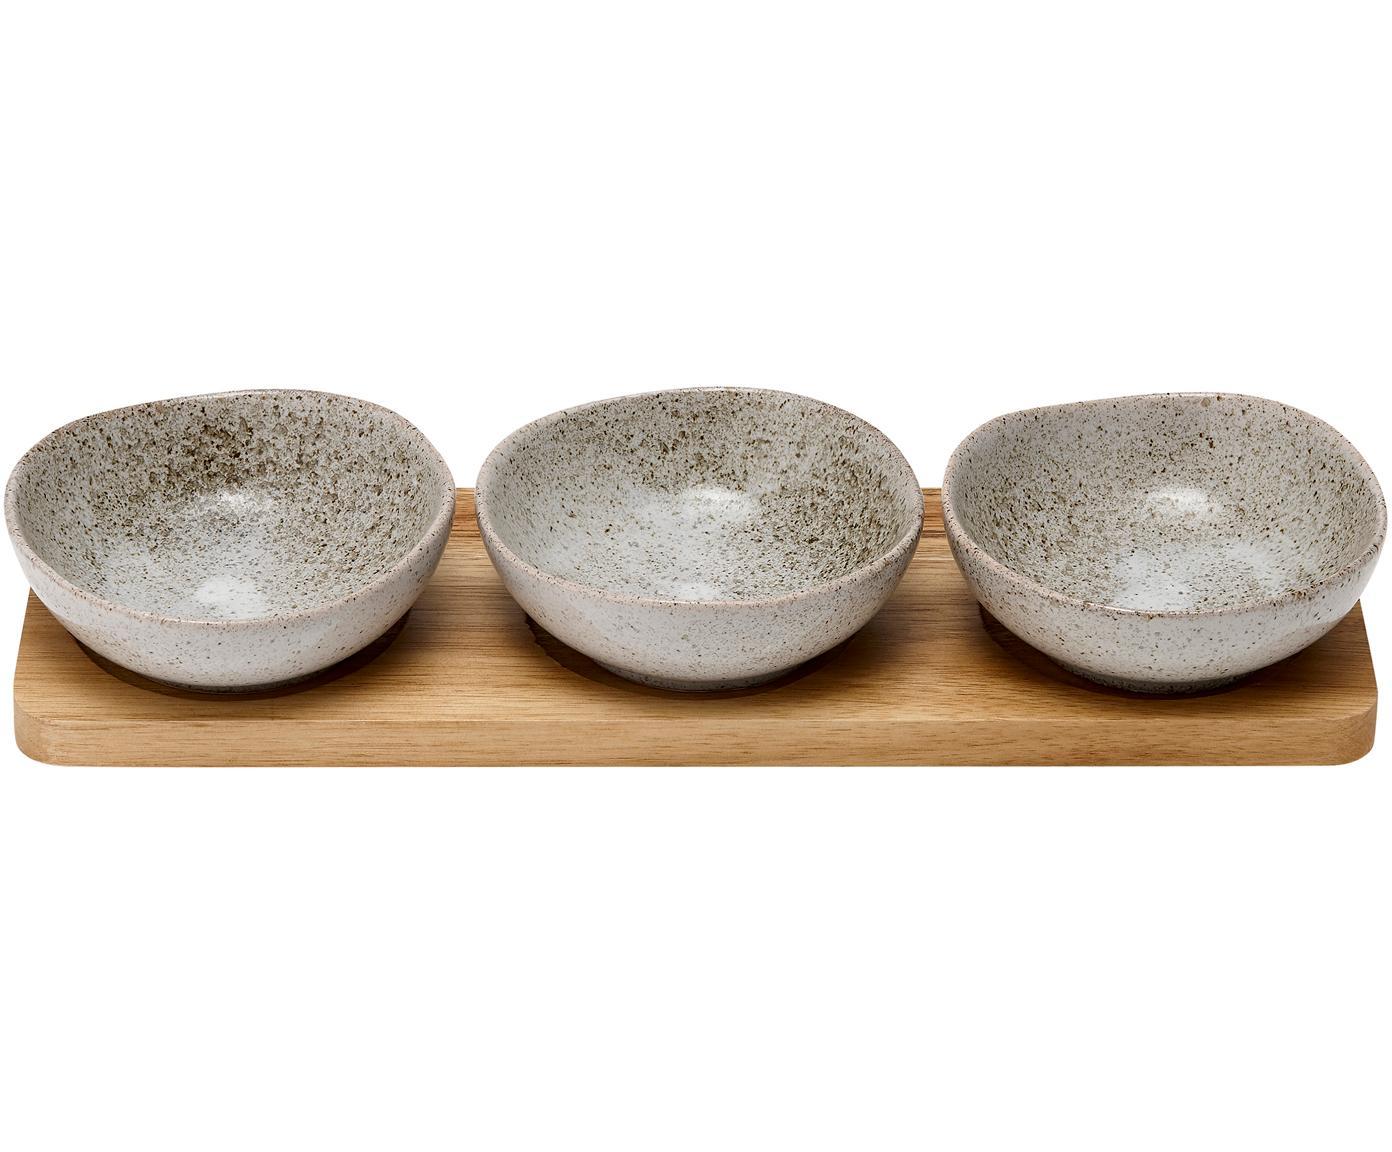 Komplet miseczek z porcelany i drewna akacjowego Artisan, 4elem., Porcelana, drewno akacjowe, Szary, drewno akacjowe, Różne rozmiary